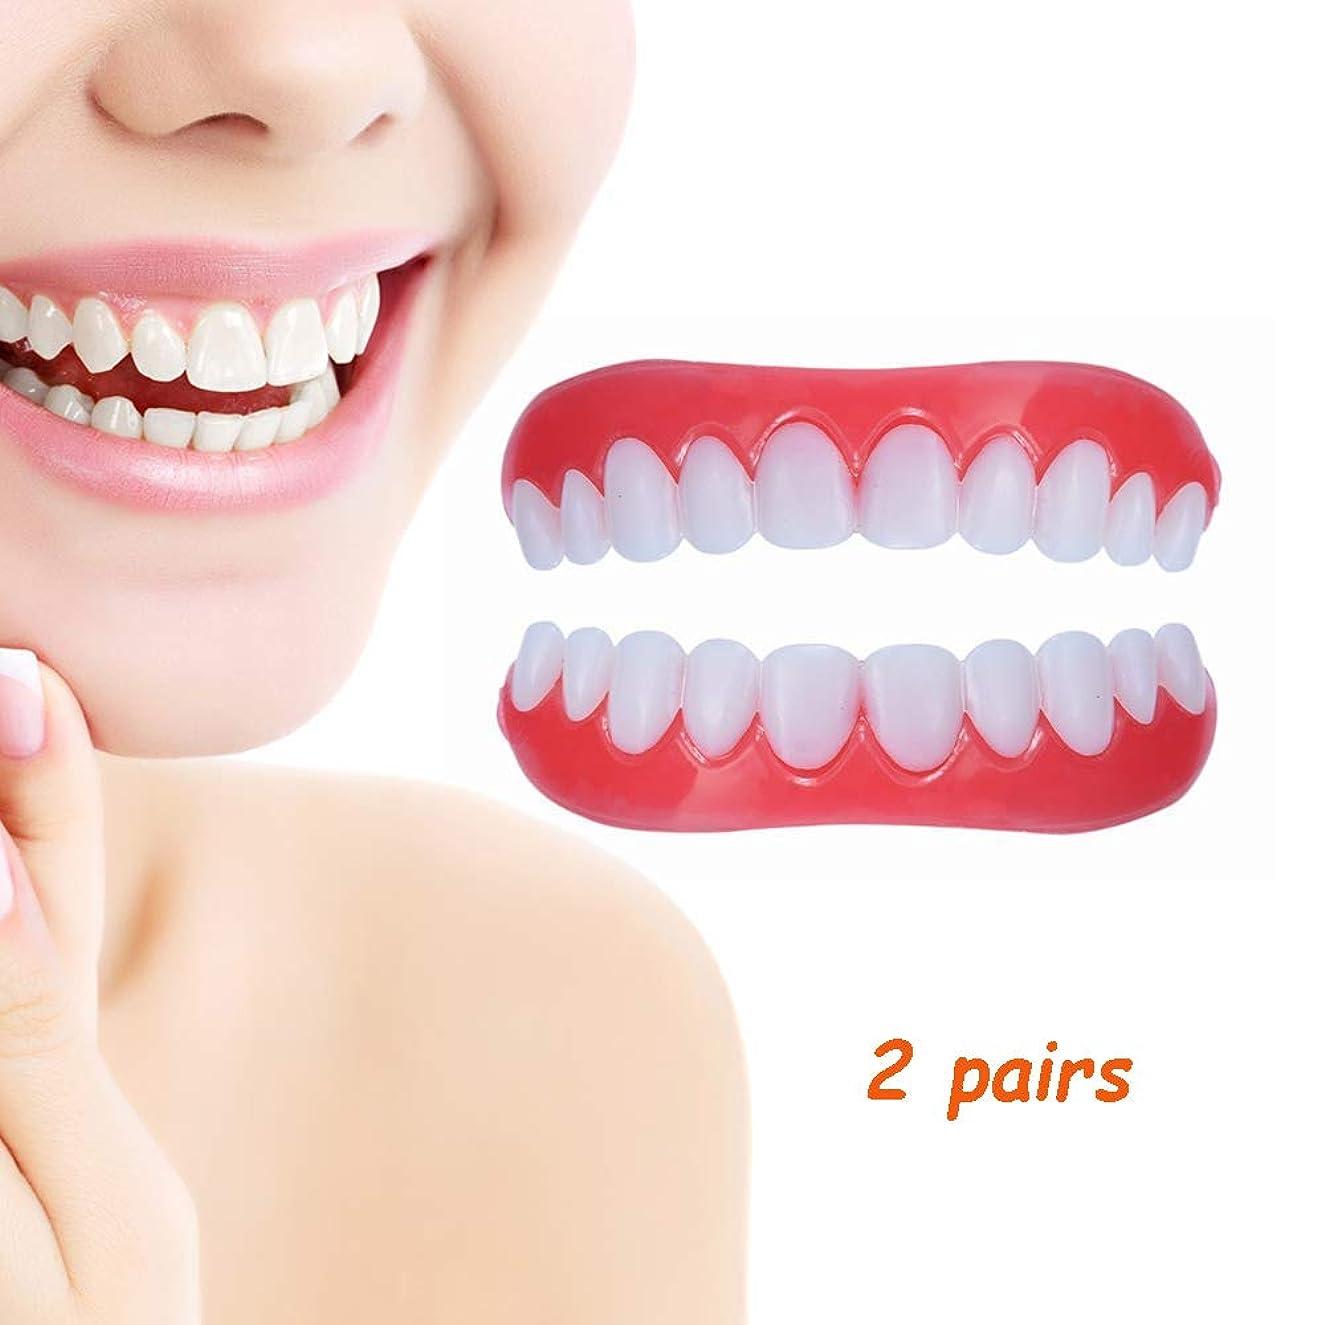 糸怠悪意のある2ペアシリコーン偽歯科スマイルベニア歯ホワイトニング口腔矯正歯の悪い歯のためにあなたに完璧なスマイルベニア口腔ケアを与える